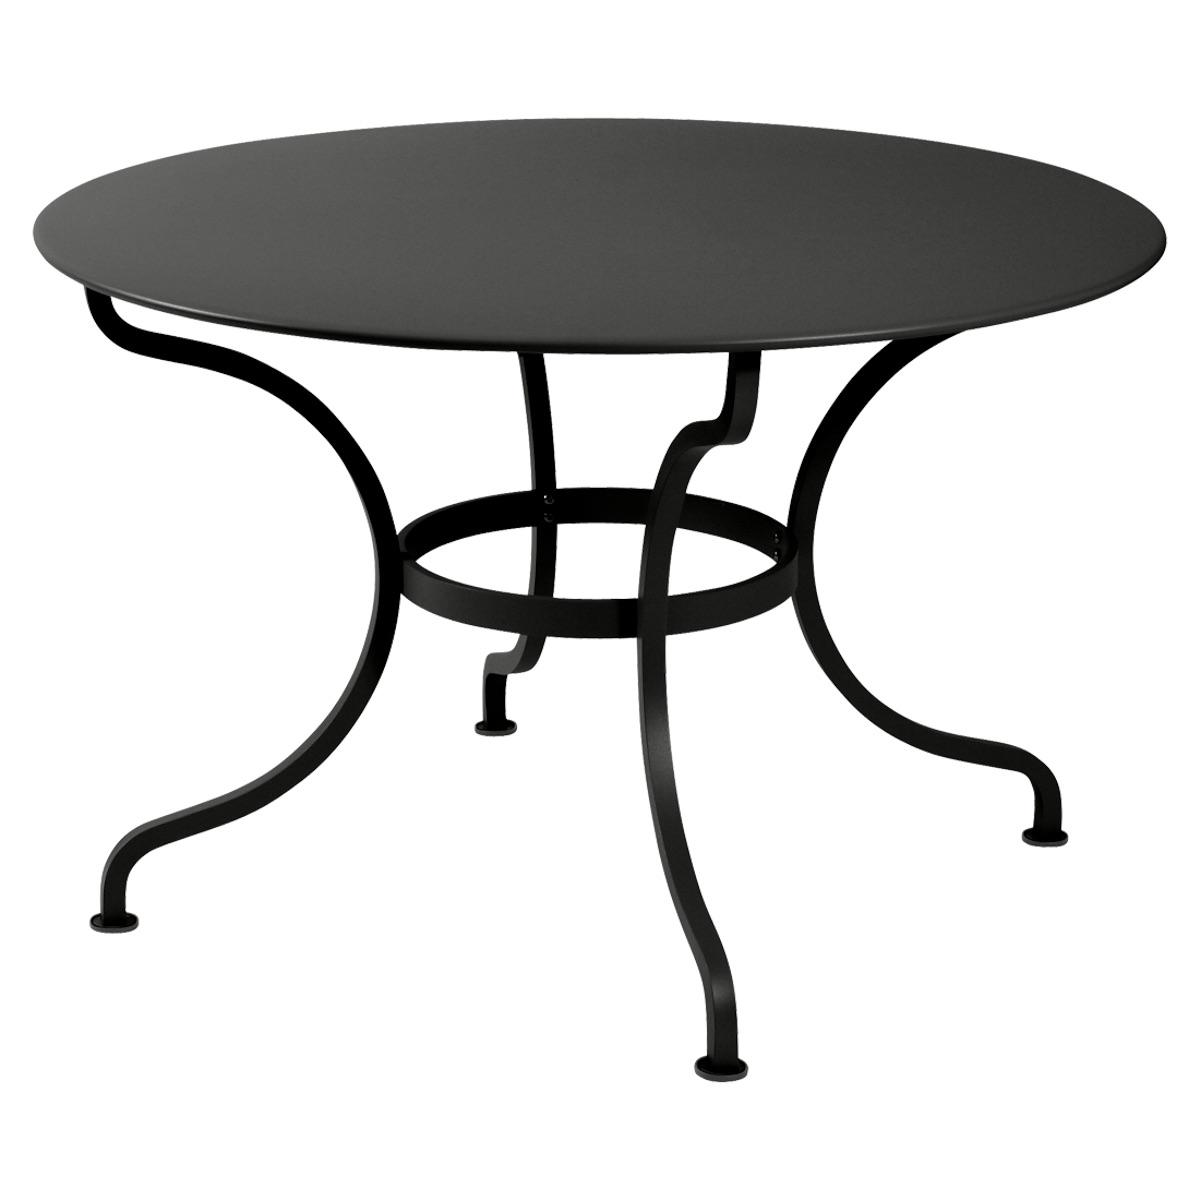 Table ronde 117cm ROMANE Fermob réglisse